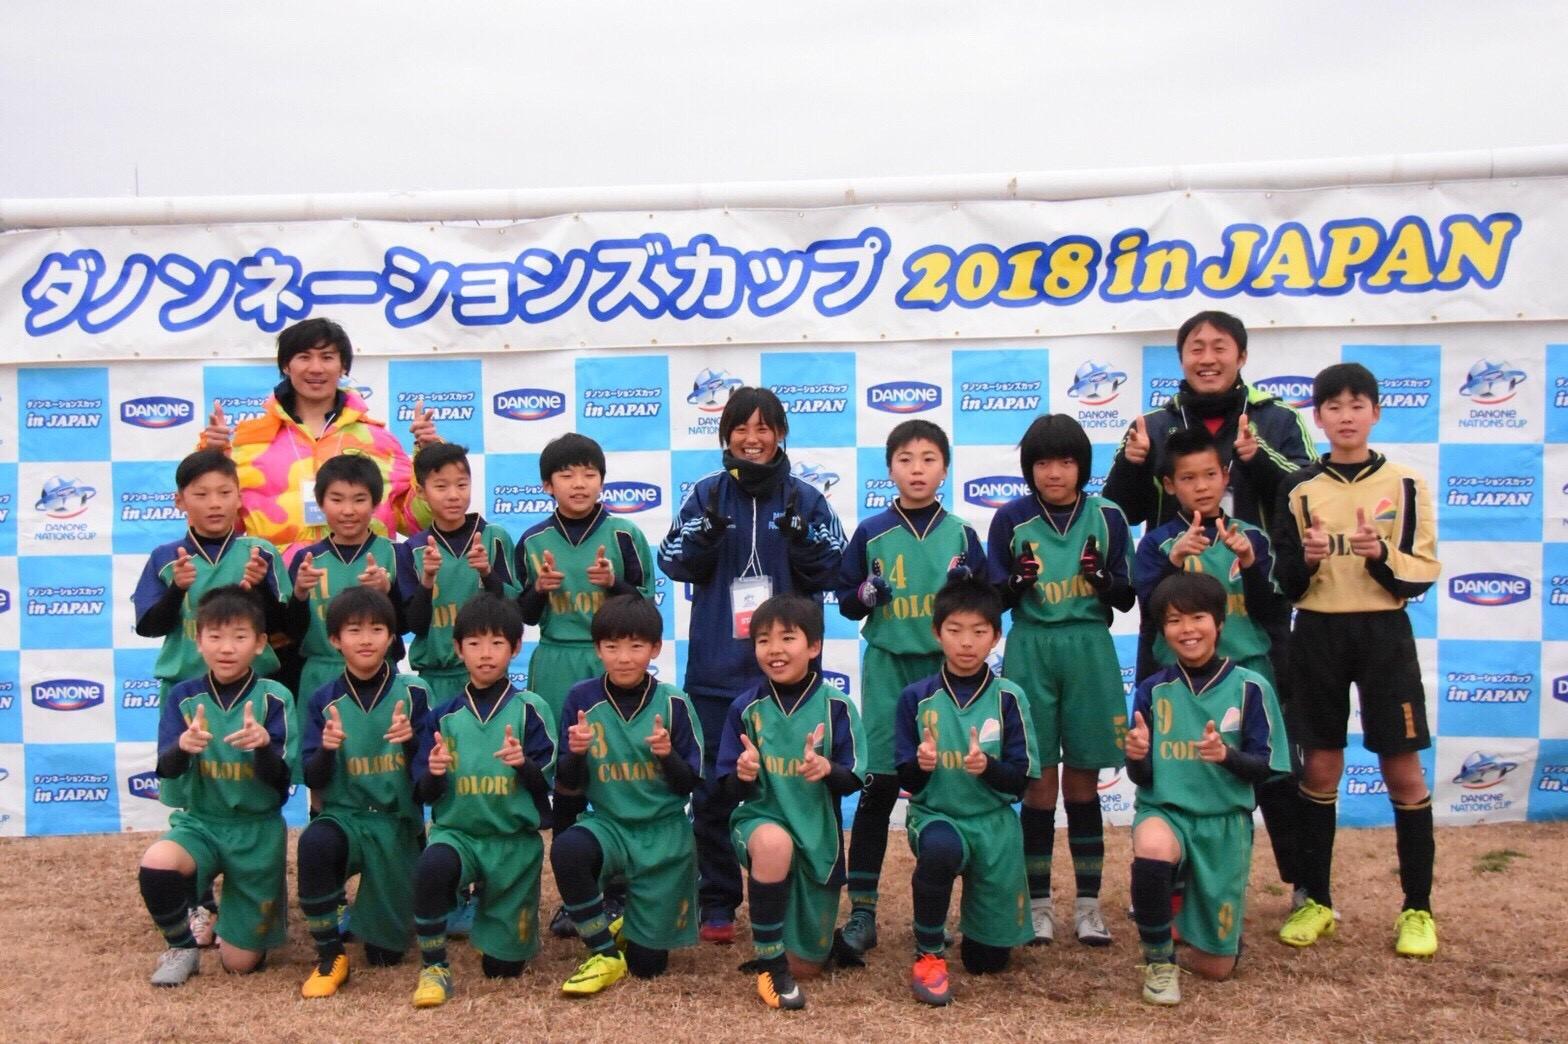 1/8(祝/月)ダノンネーションズカップ2018 埼玉大会 U-11